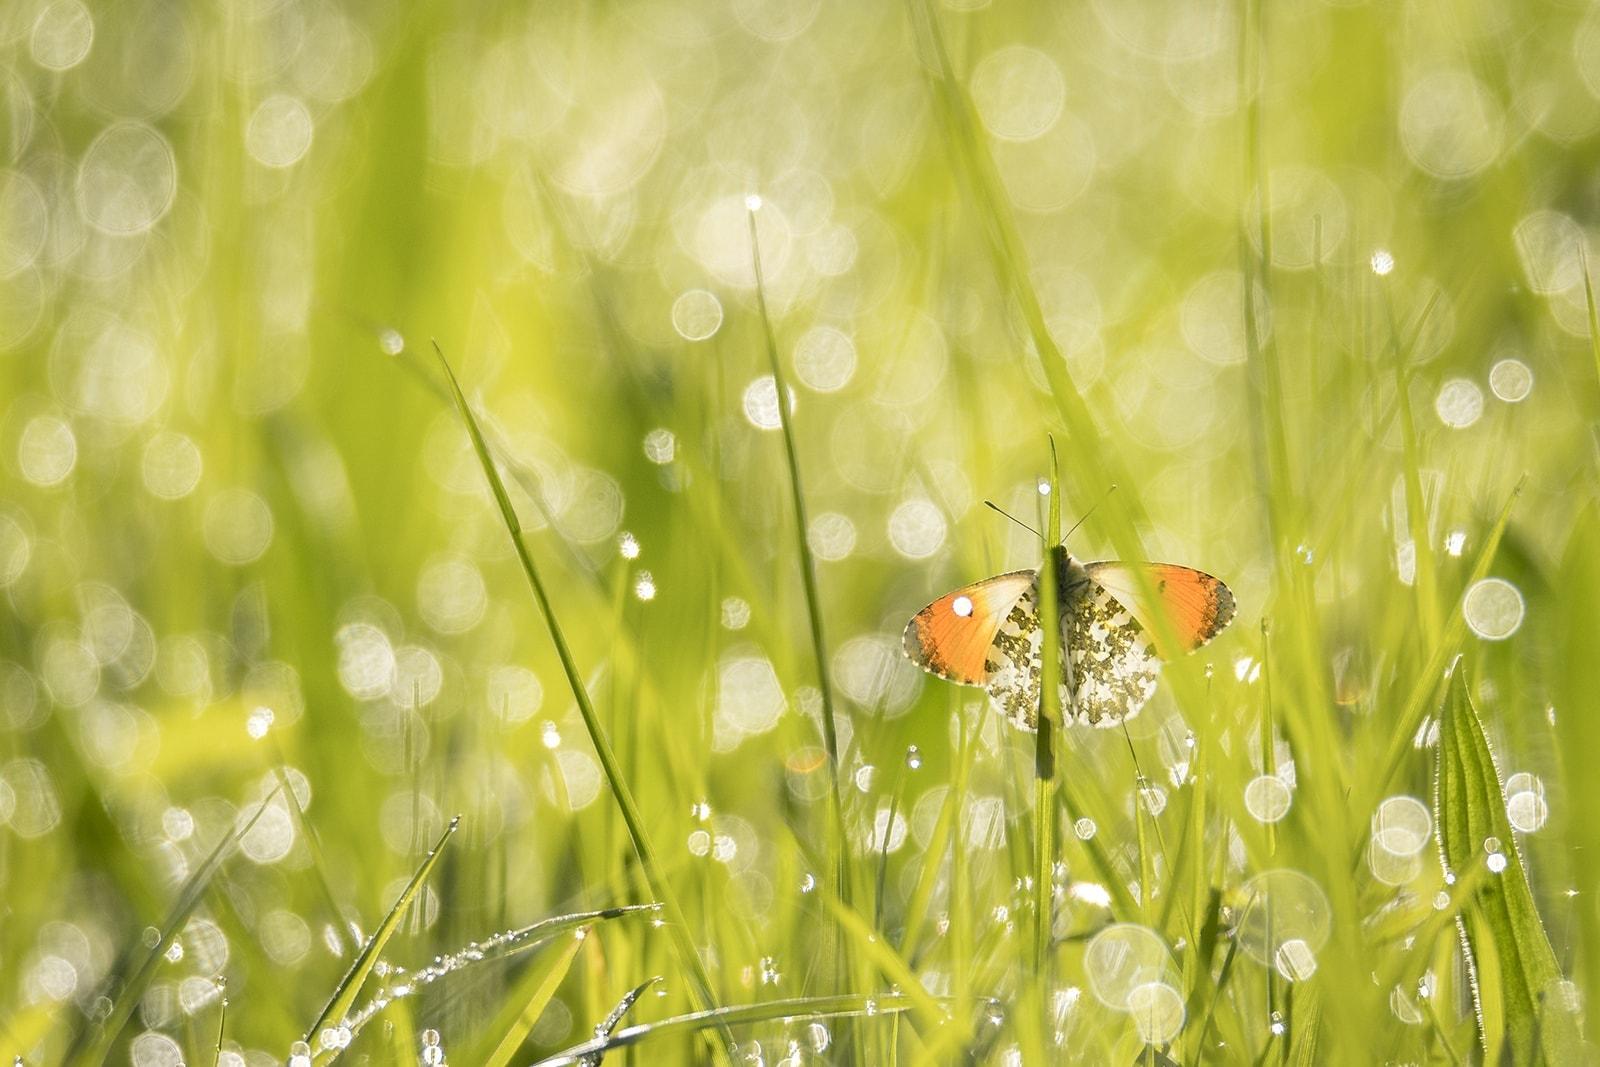 Oranjetipjes fotograferen in het natte gras 2